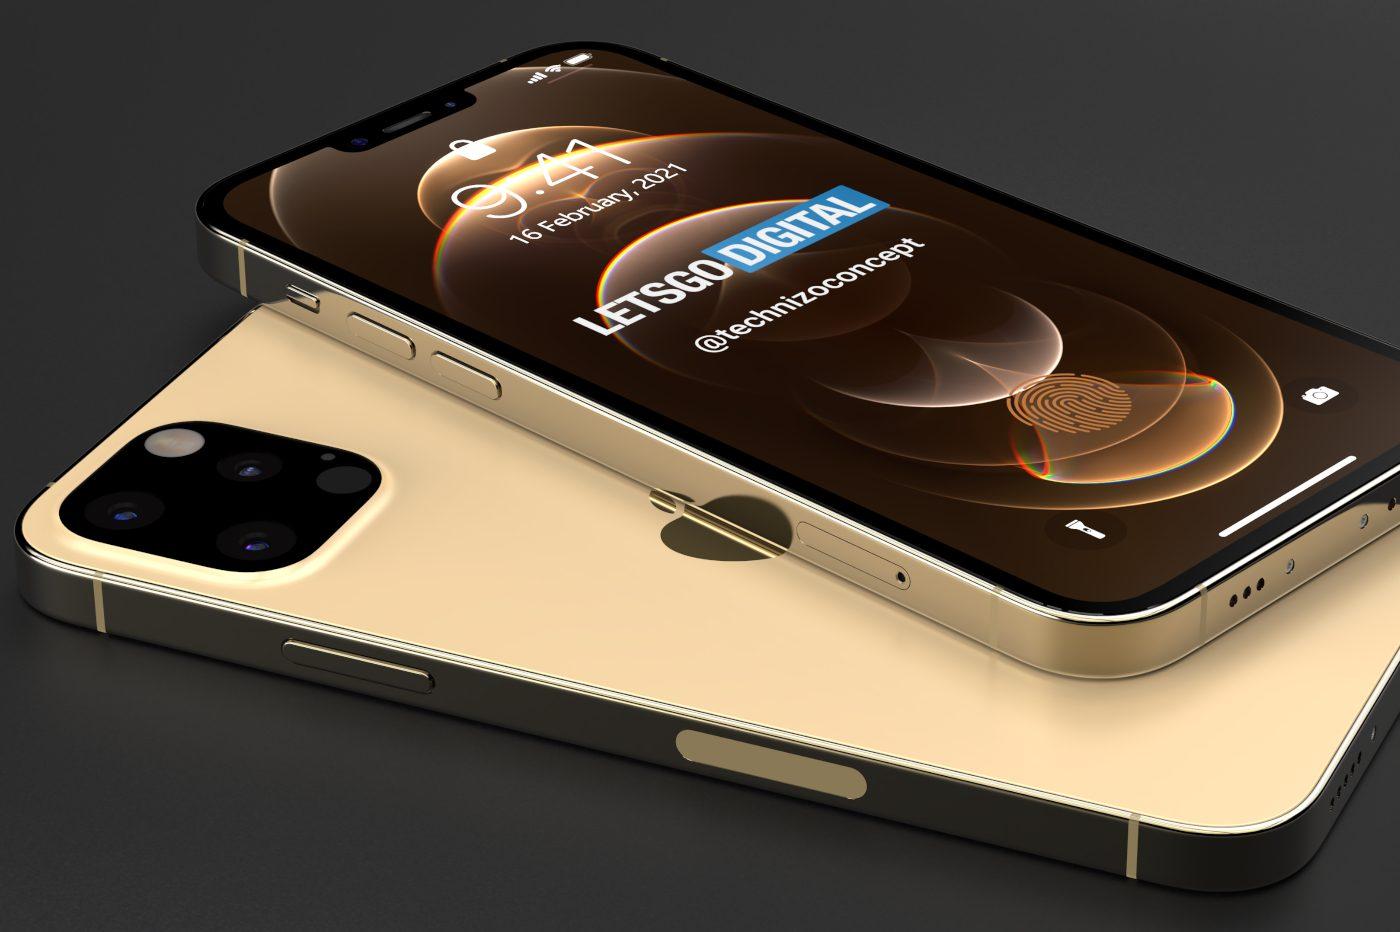 Voici à quoi pourrait ressembler l'iPhone 13 - Presse-citron